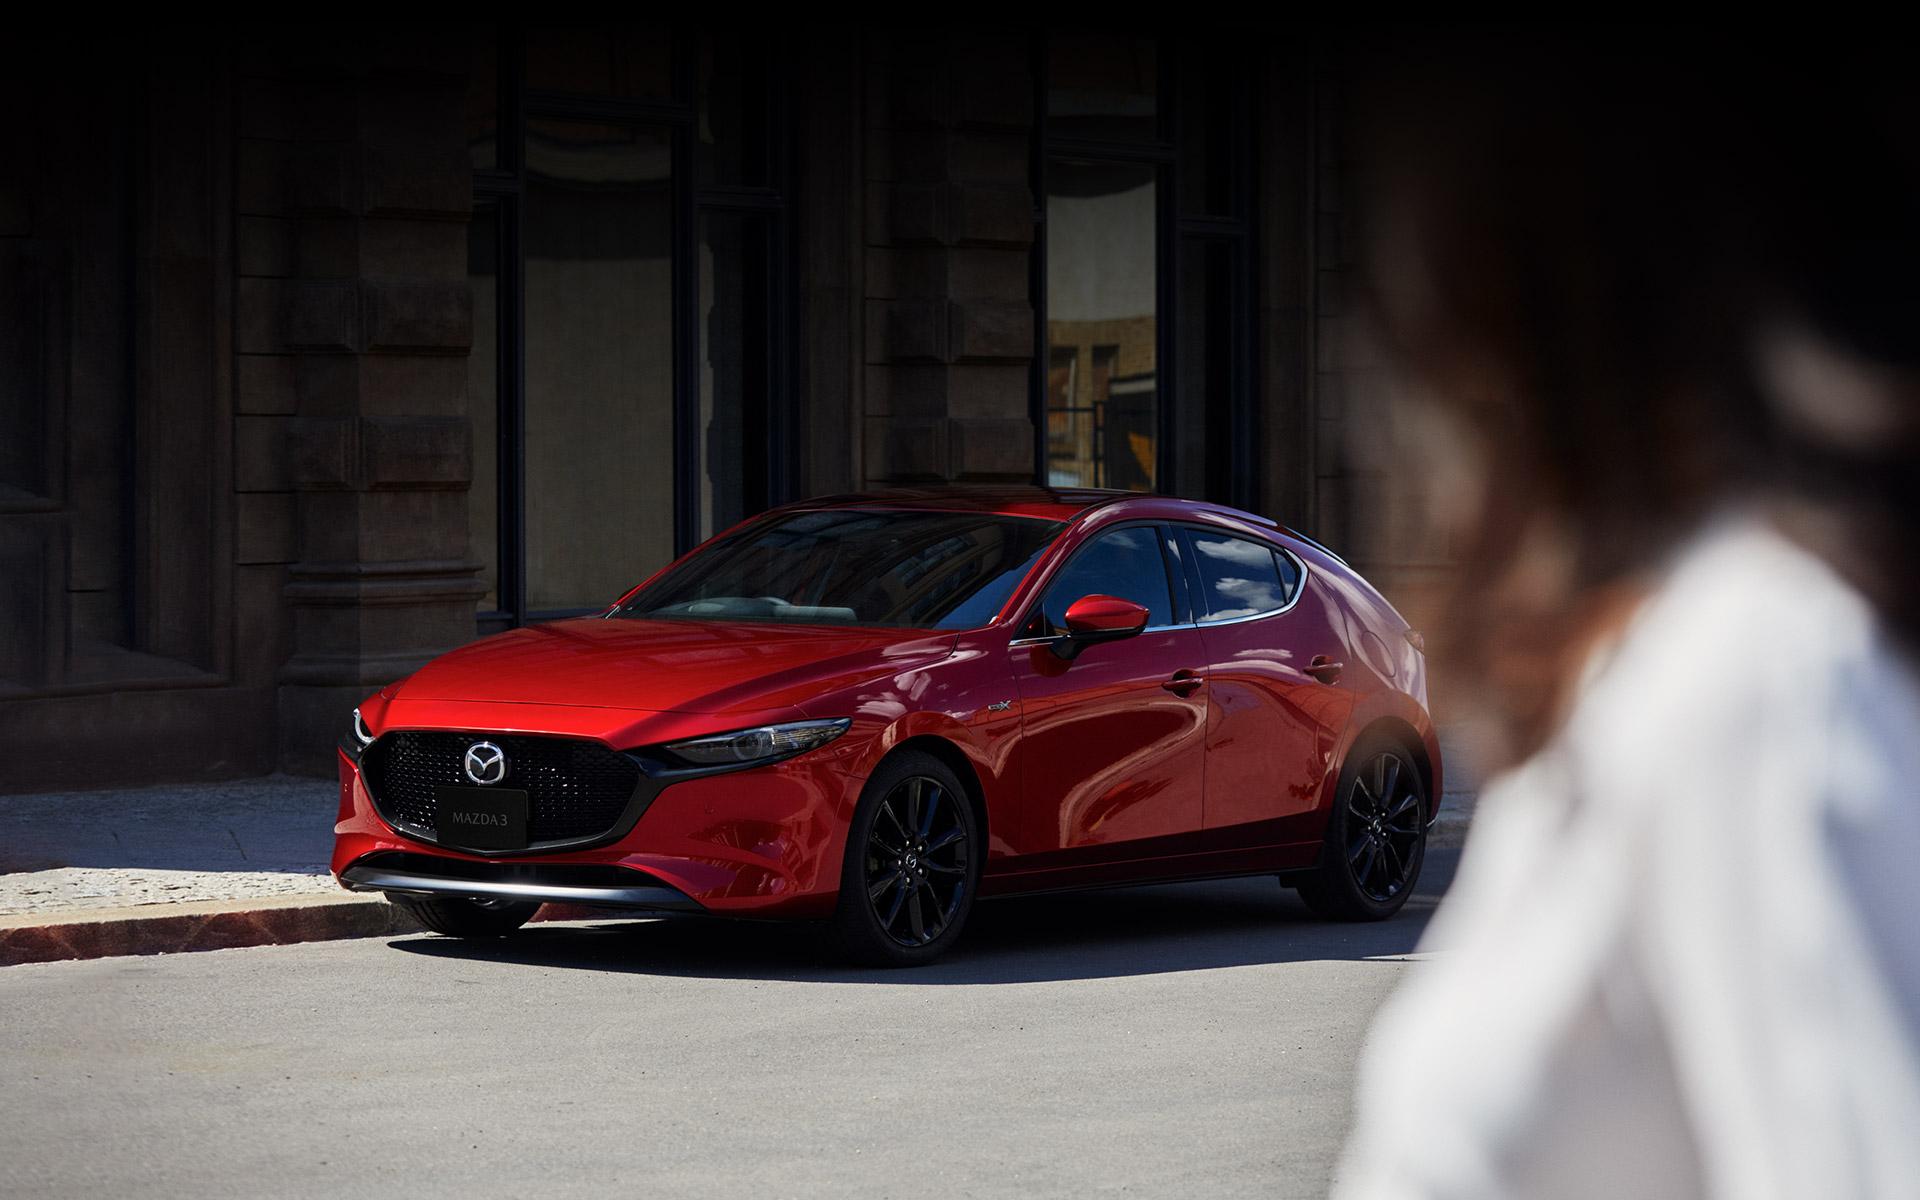 Mazda3 5ドアスポーツ ハッチバック ファストバック 4ドアセダン マツダ